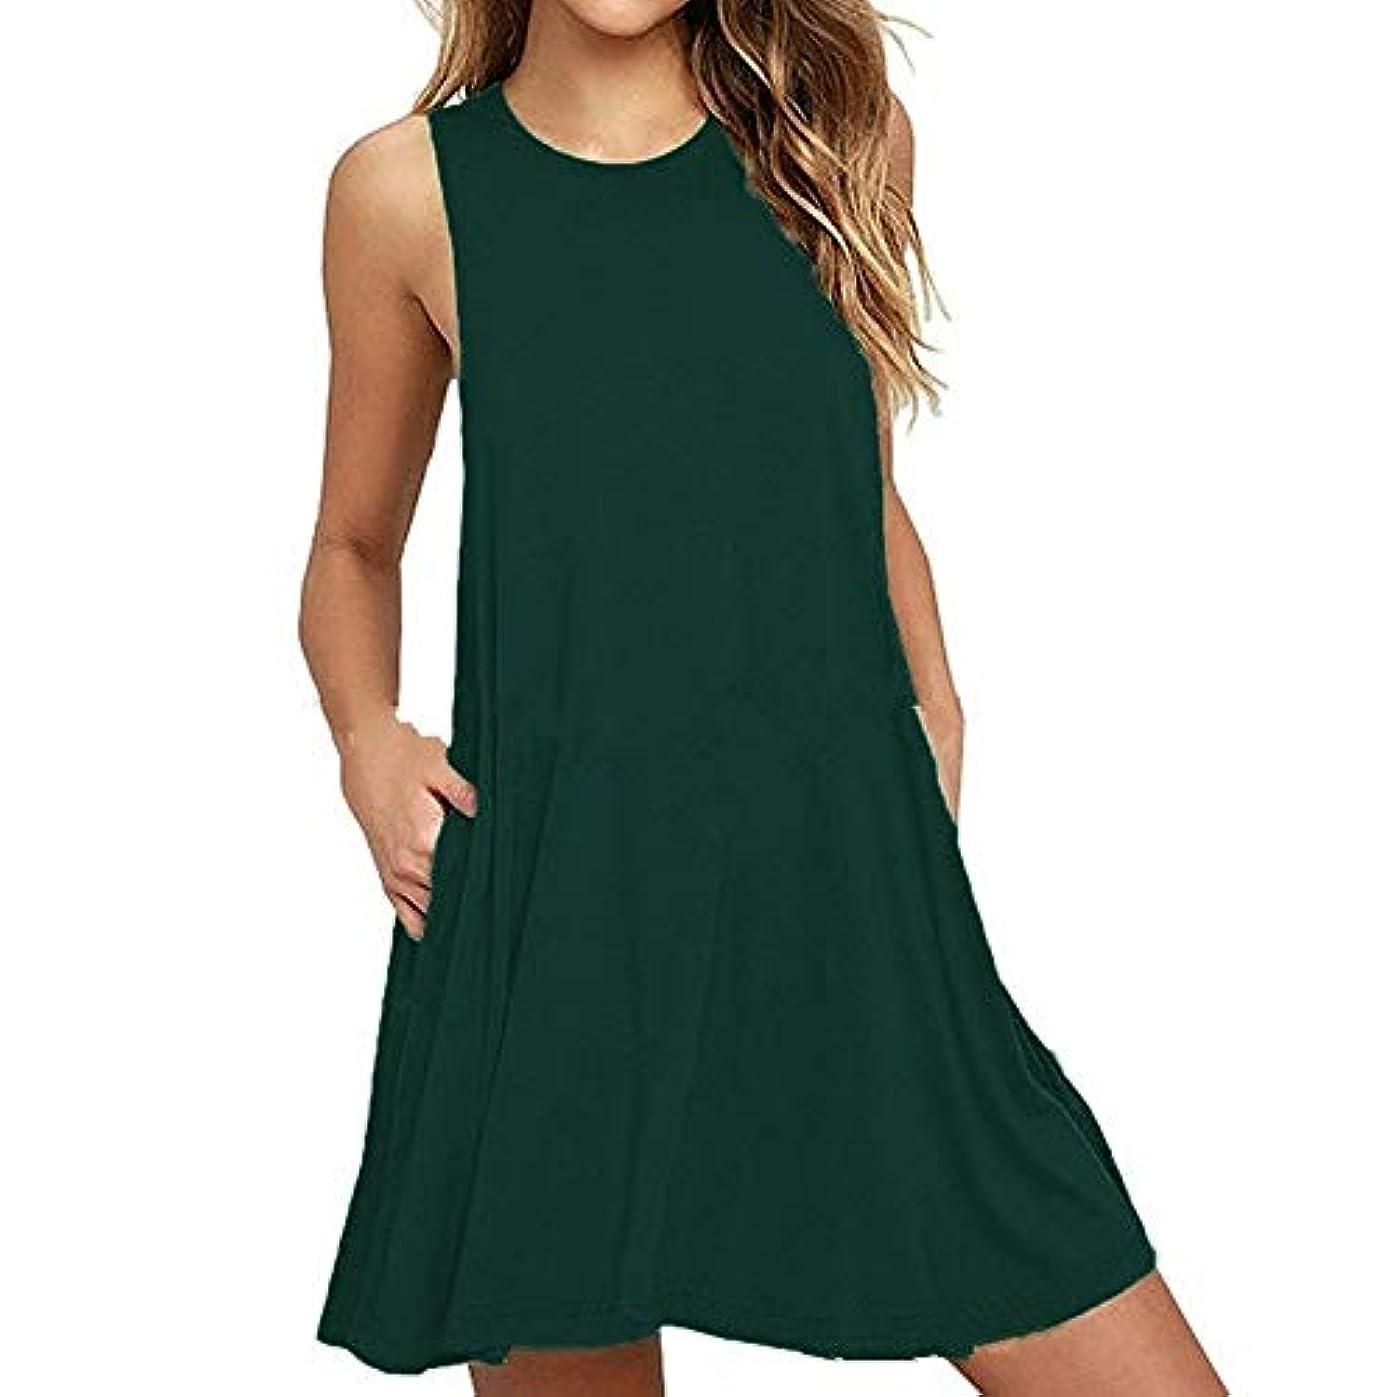 オペラ模倣長いですMIFAN 人の女性のドレス、プラスサイズのドレス、ノースリーブのドレス、ミニドレス、ホルタードレス、コットンドレス